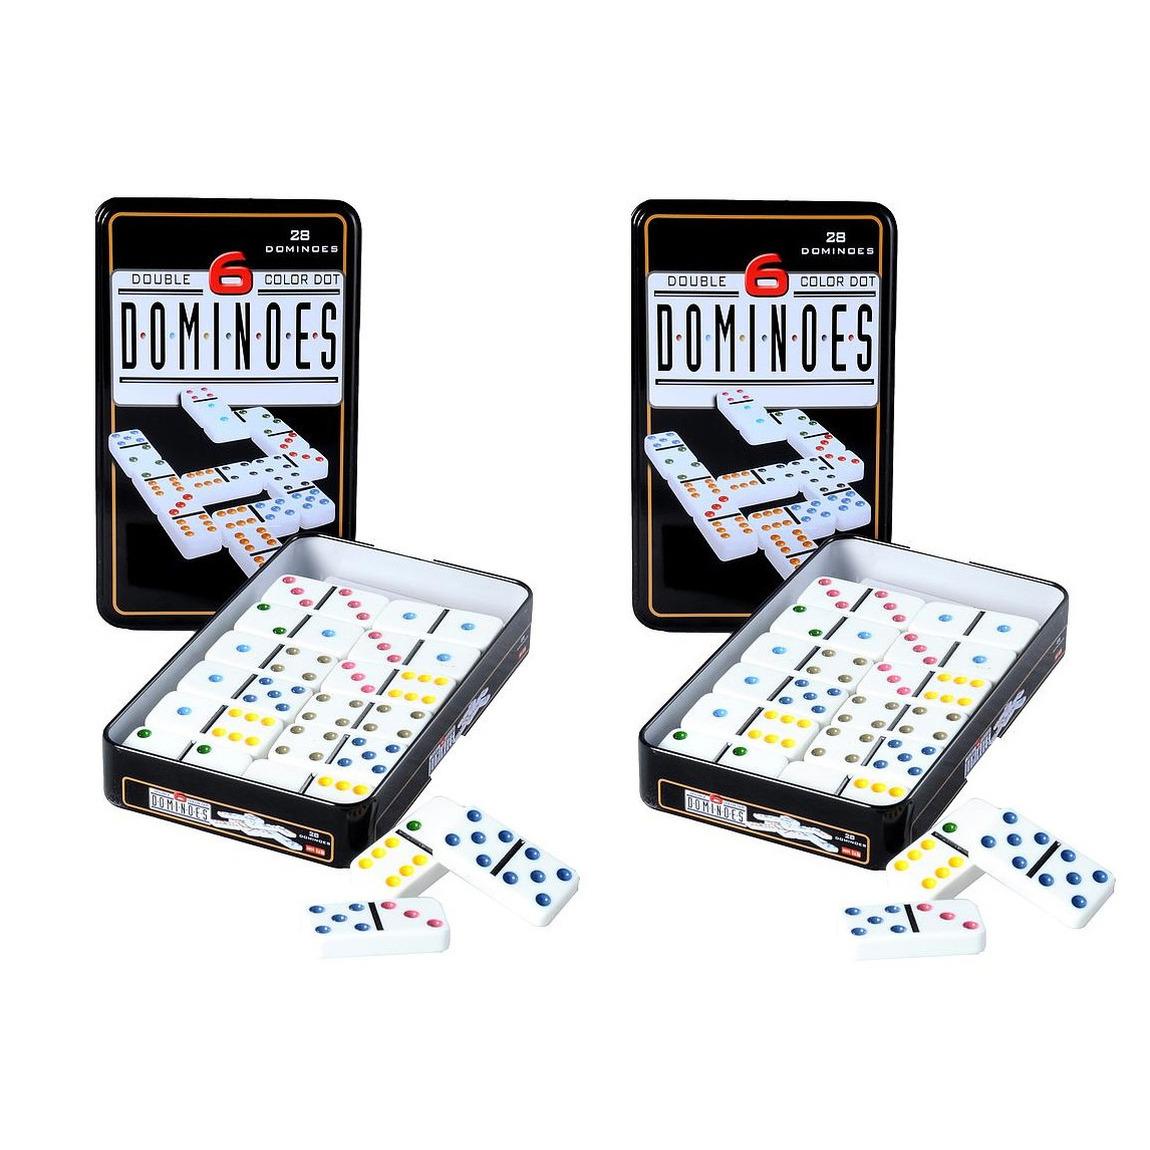 Domino spel dubbel double 6 in blik en 112x gekleurde stenen